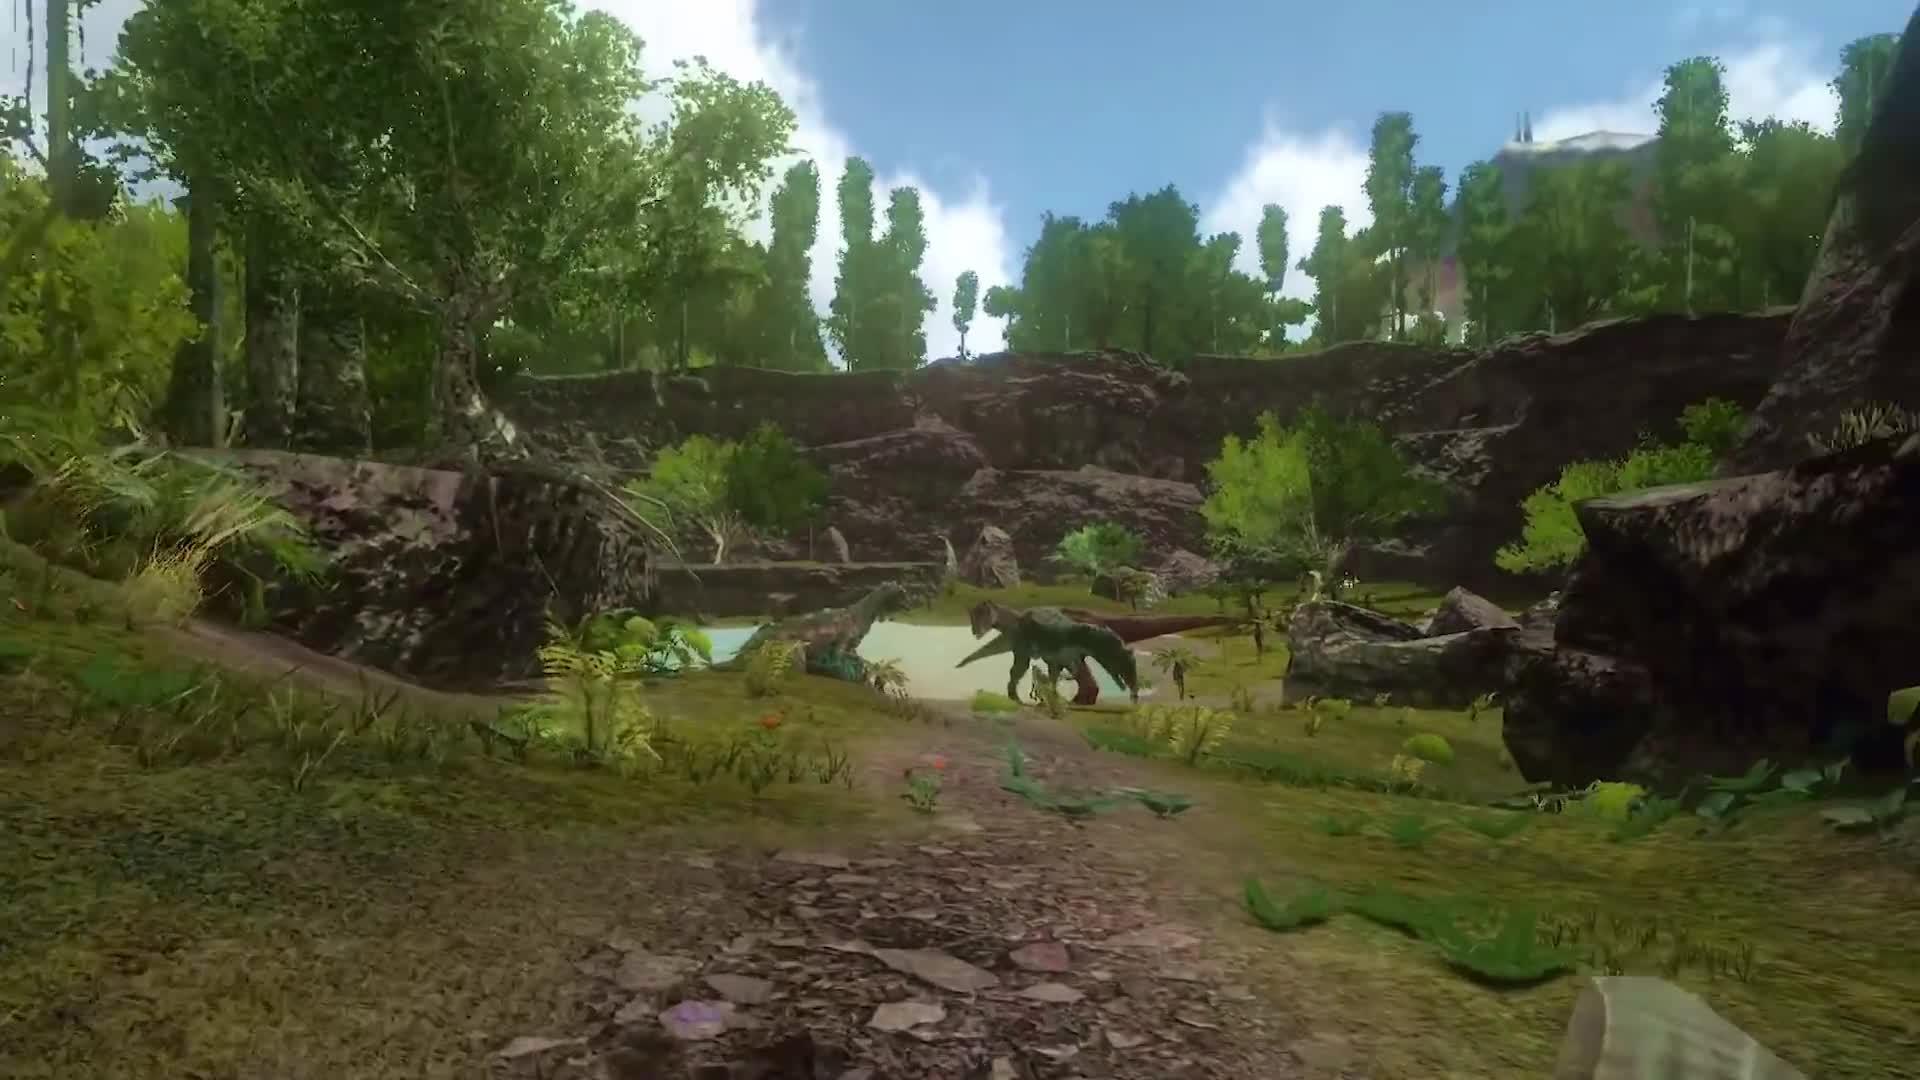 Tải miễn phí ARK: Survival Evolved - Siêu phẩm sinh tồn đình đám PC vừa lên Mobile